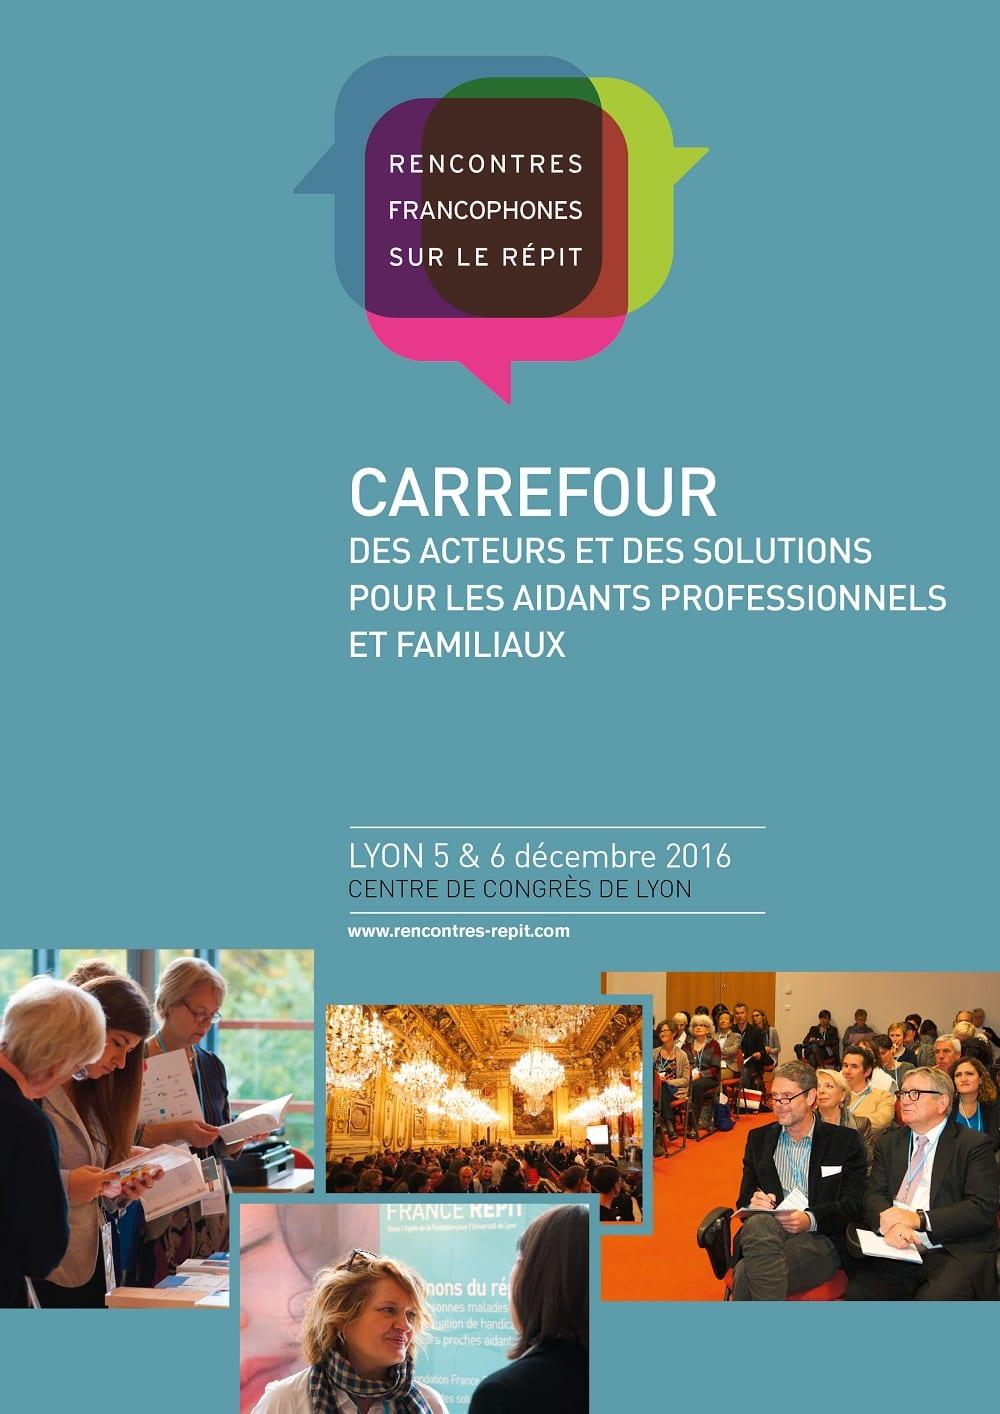 rencontres-francophones-sur-le-re%e2%95%a0upit_-visuel